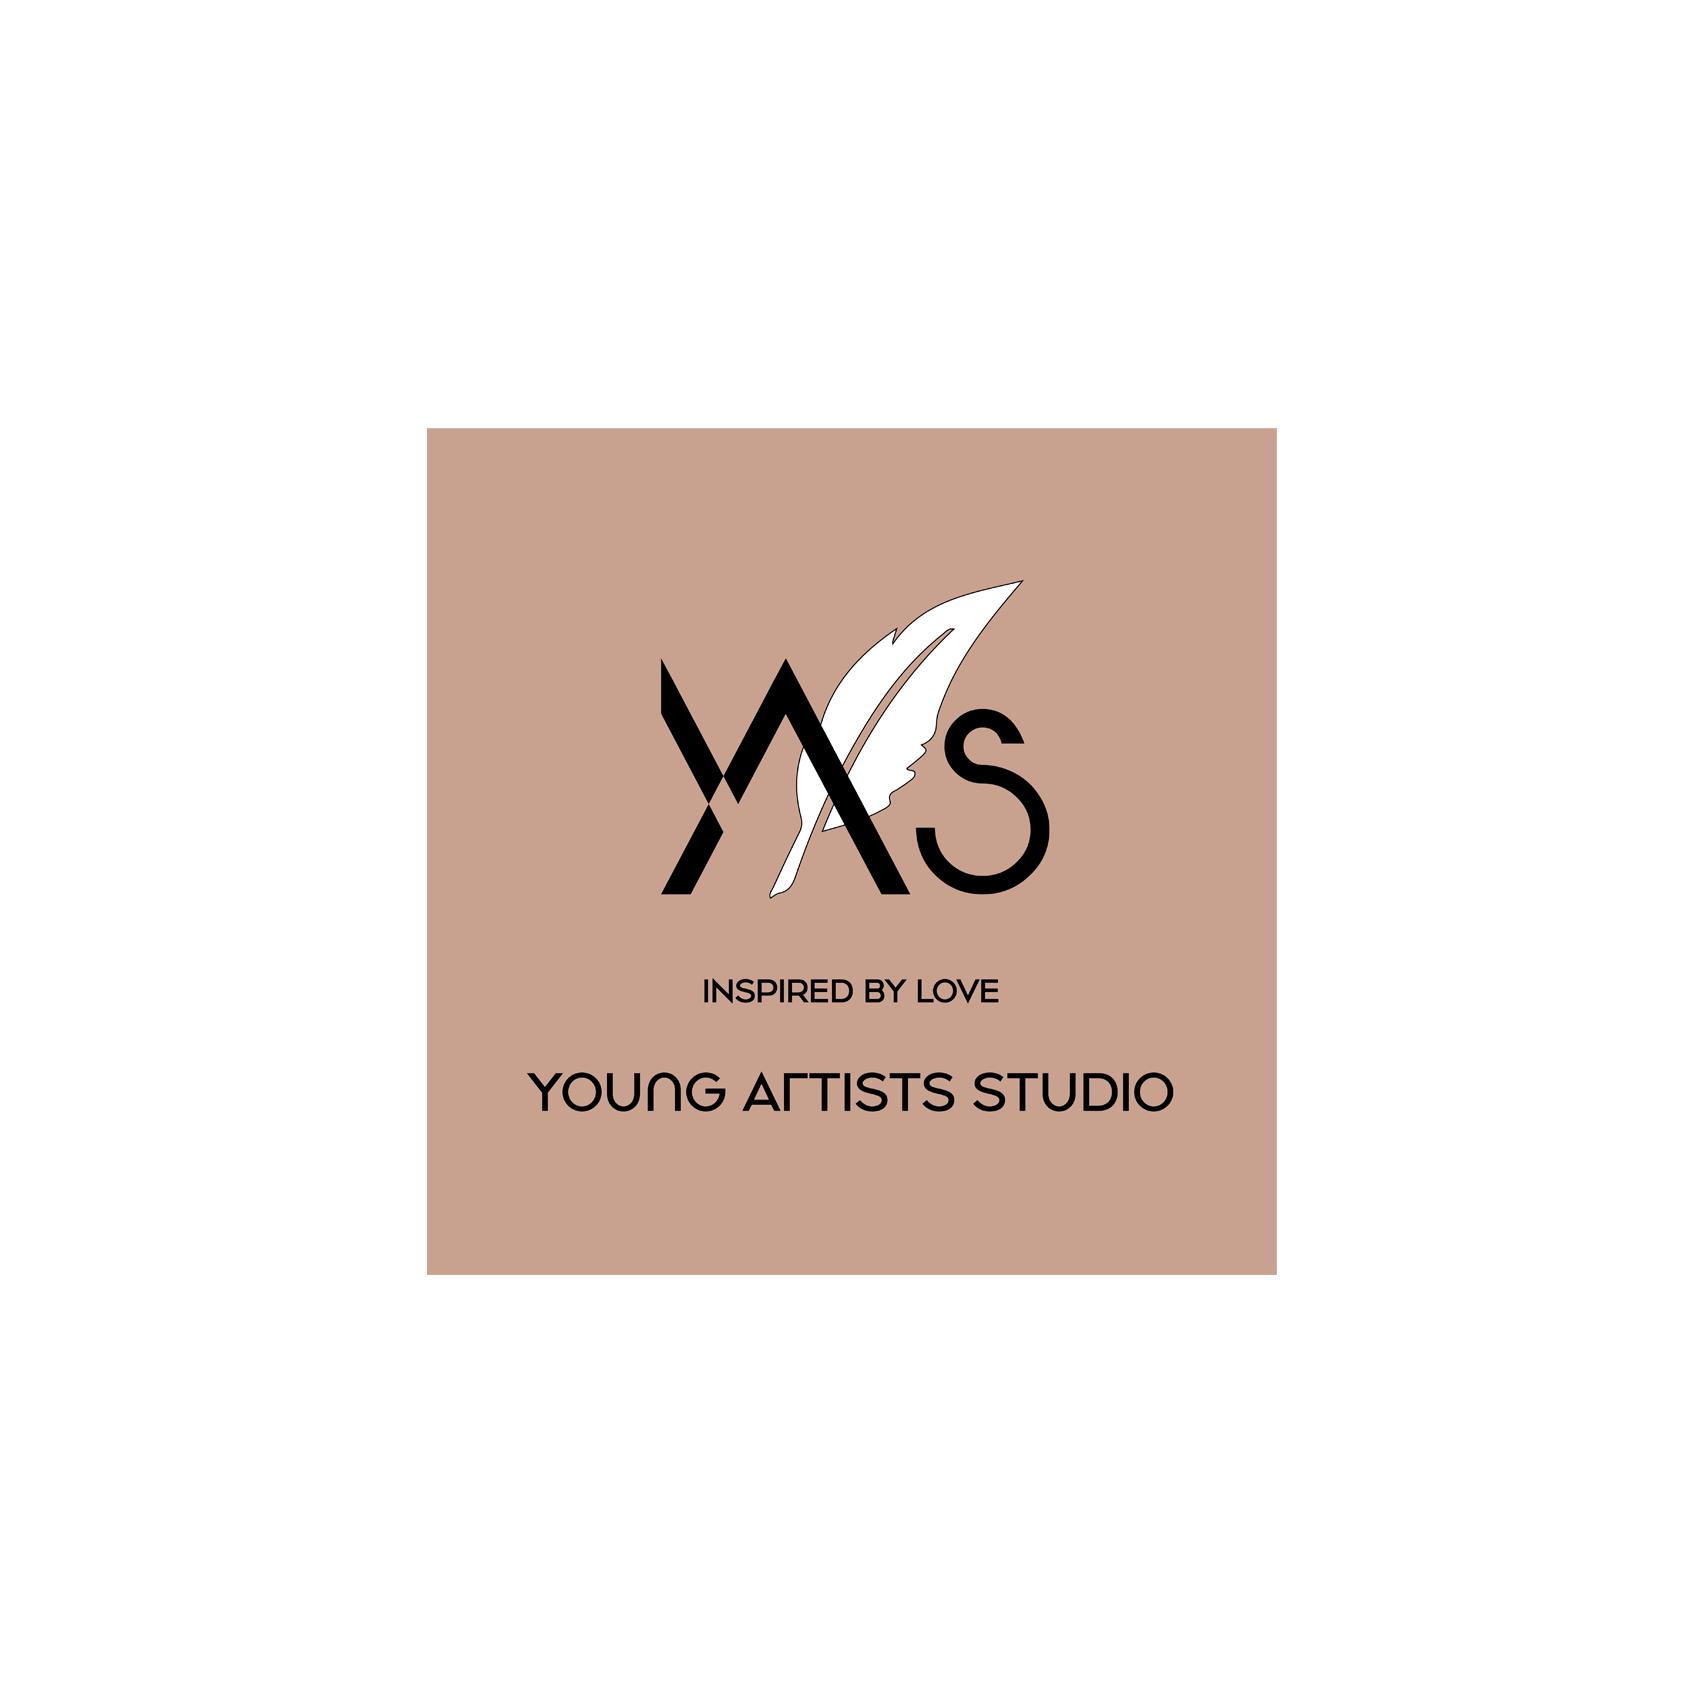 YAS-trường nhạc logo thiết kế Helixgram thiết kế trọn bộ nhận diện thương hiệu thiết kế hình ảnh đại diện brand identity thiết kế đồ họa in ấn quảng cáo thiết kế website WordPress Helixgram